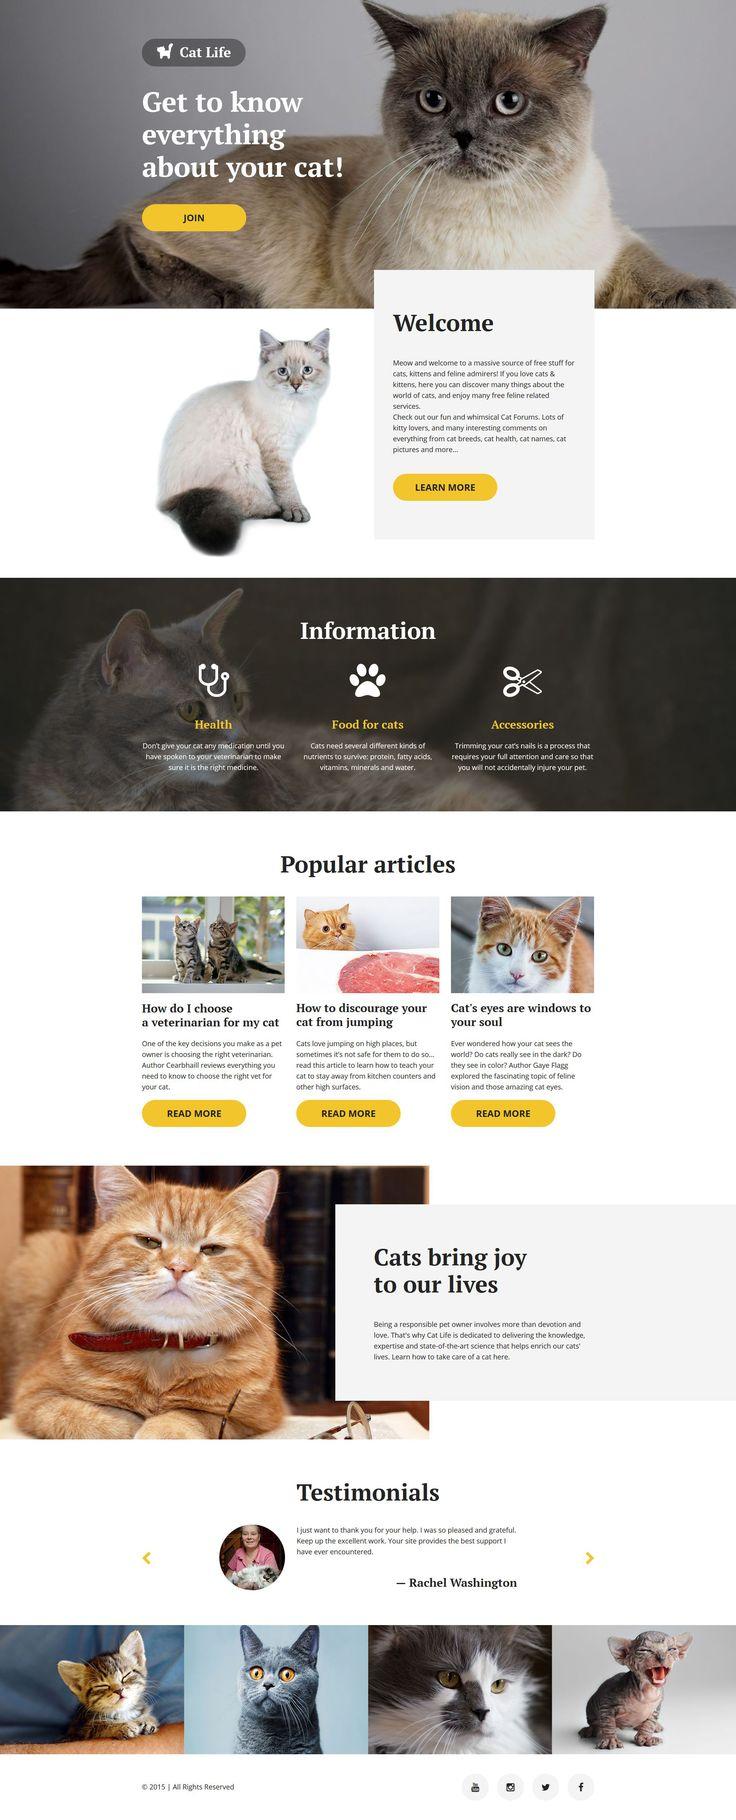 10 best pet app images on Pinterest